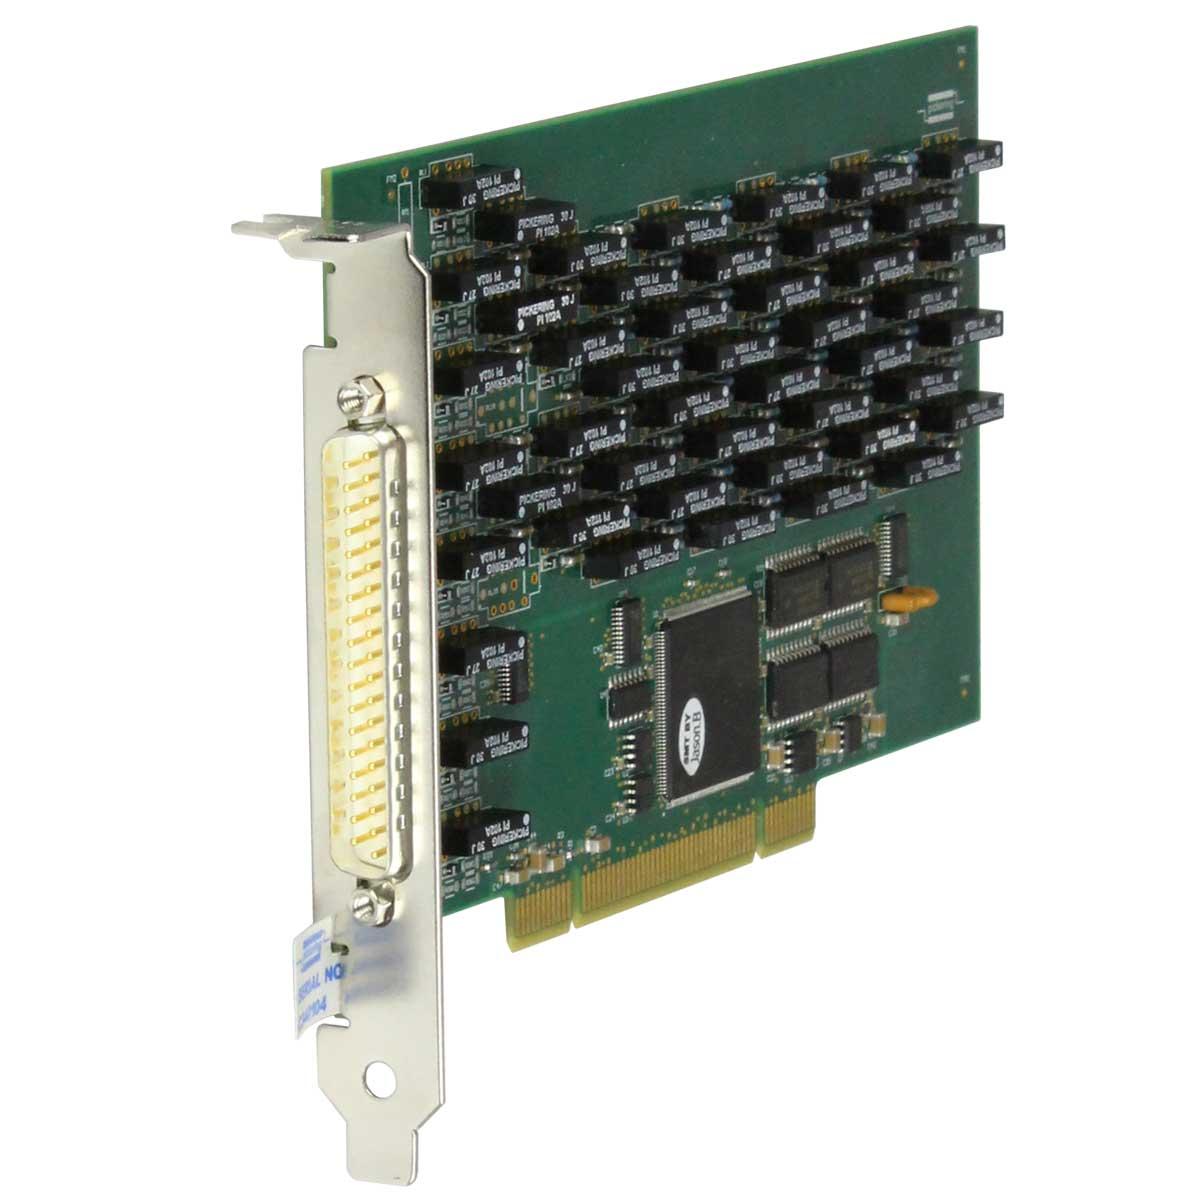 50-294 PCI Resistor Card